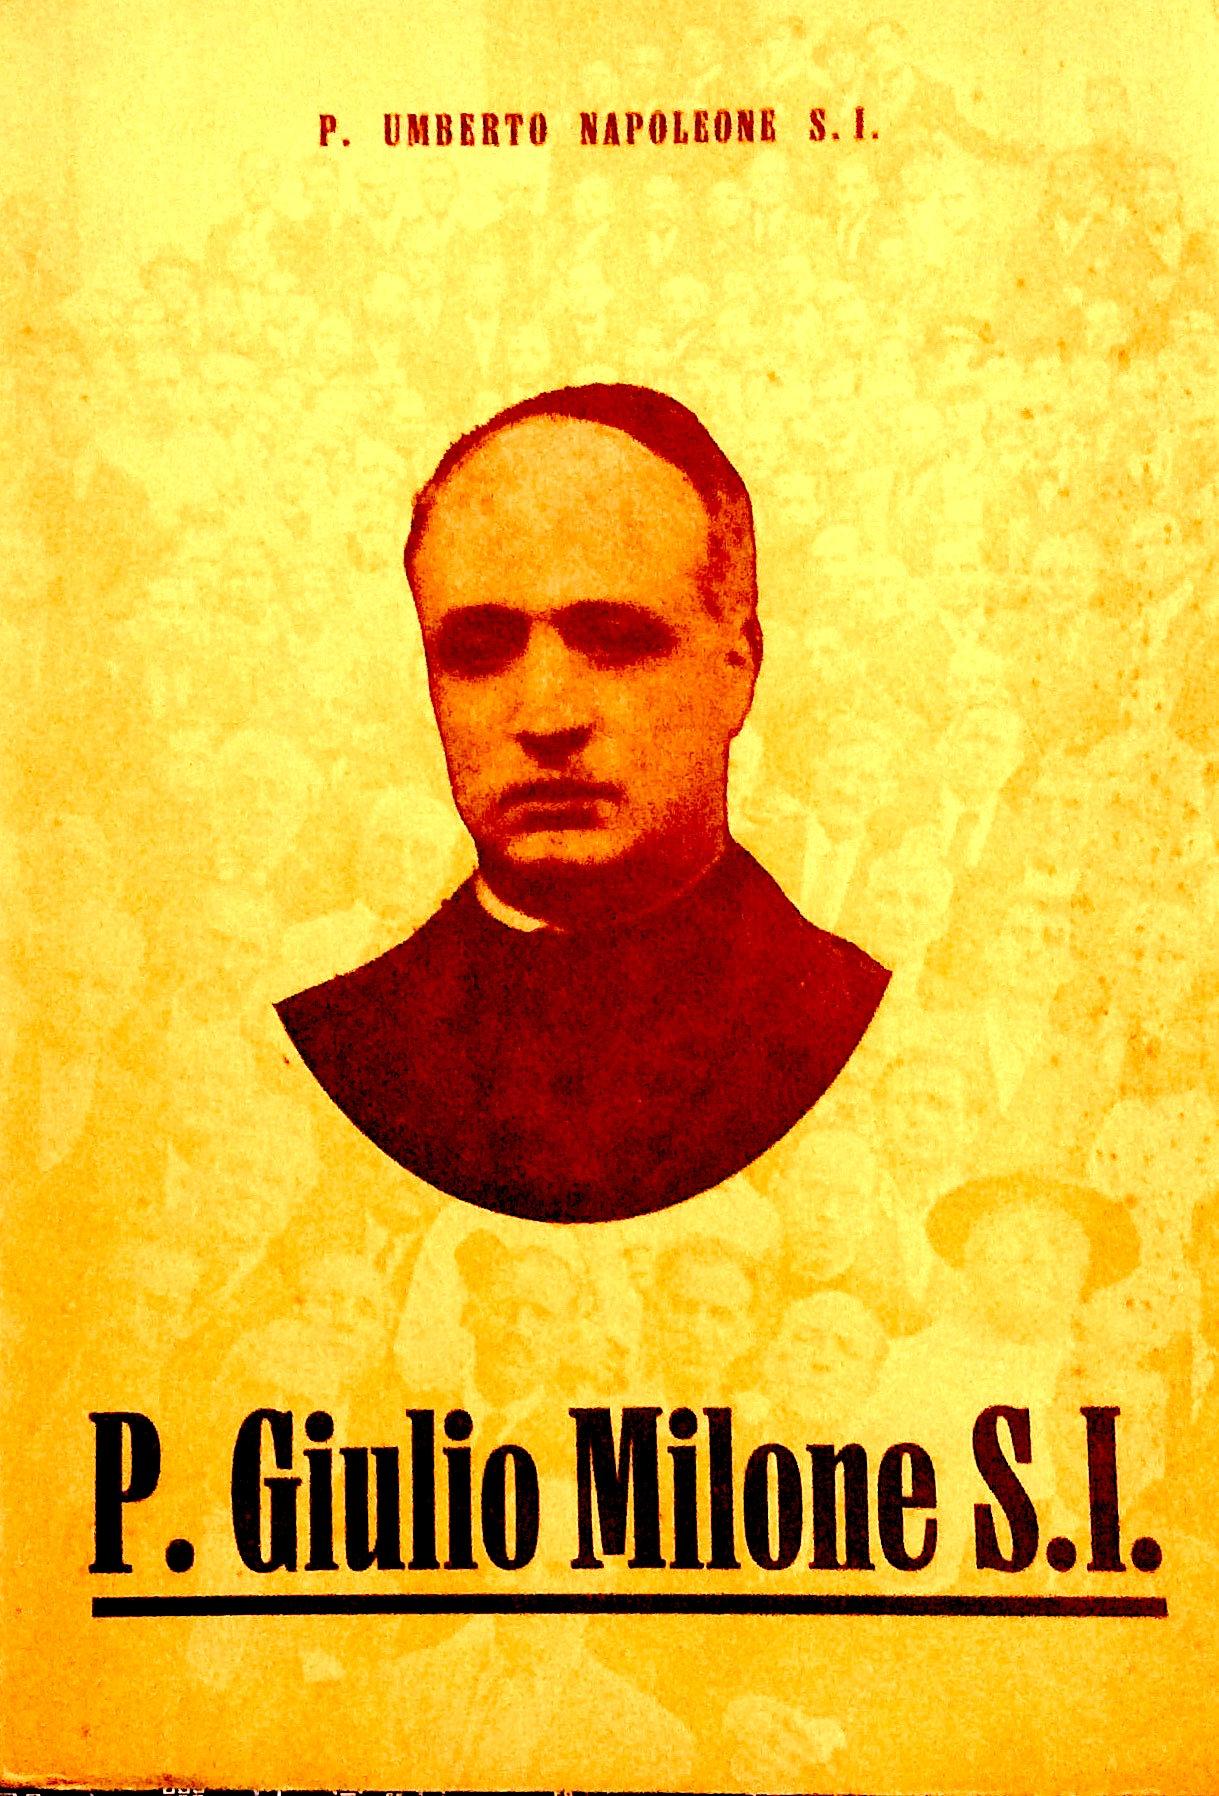 P. Giulio Milone S. I.